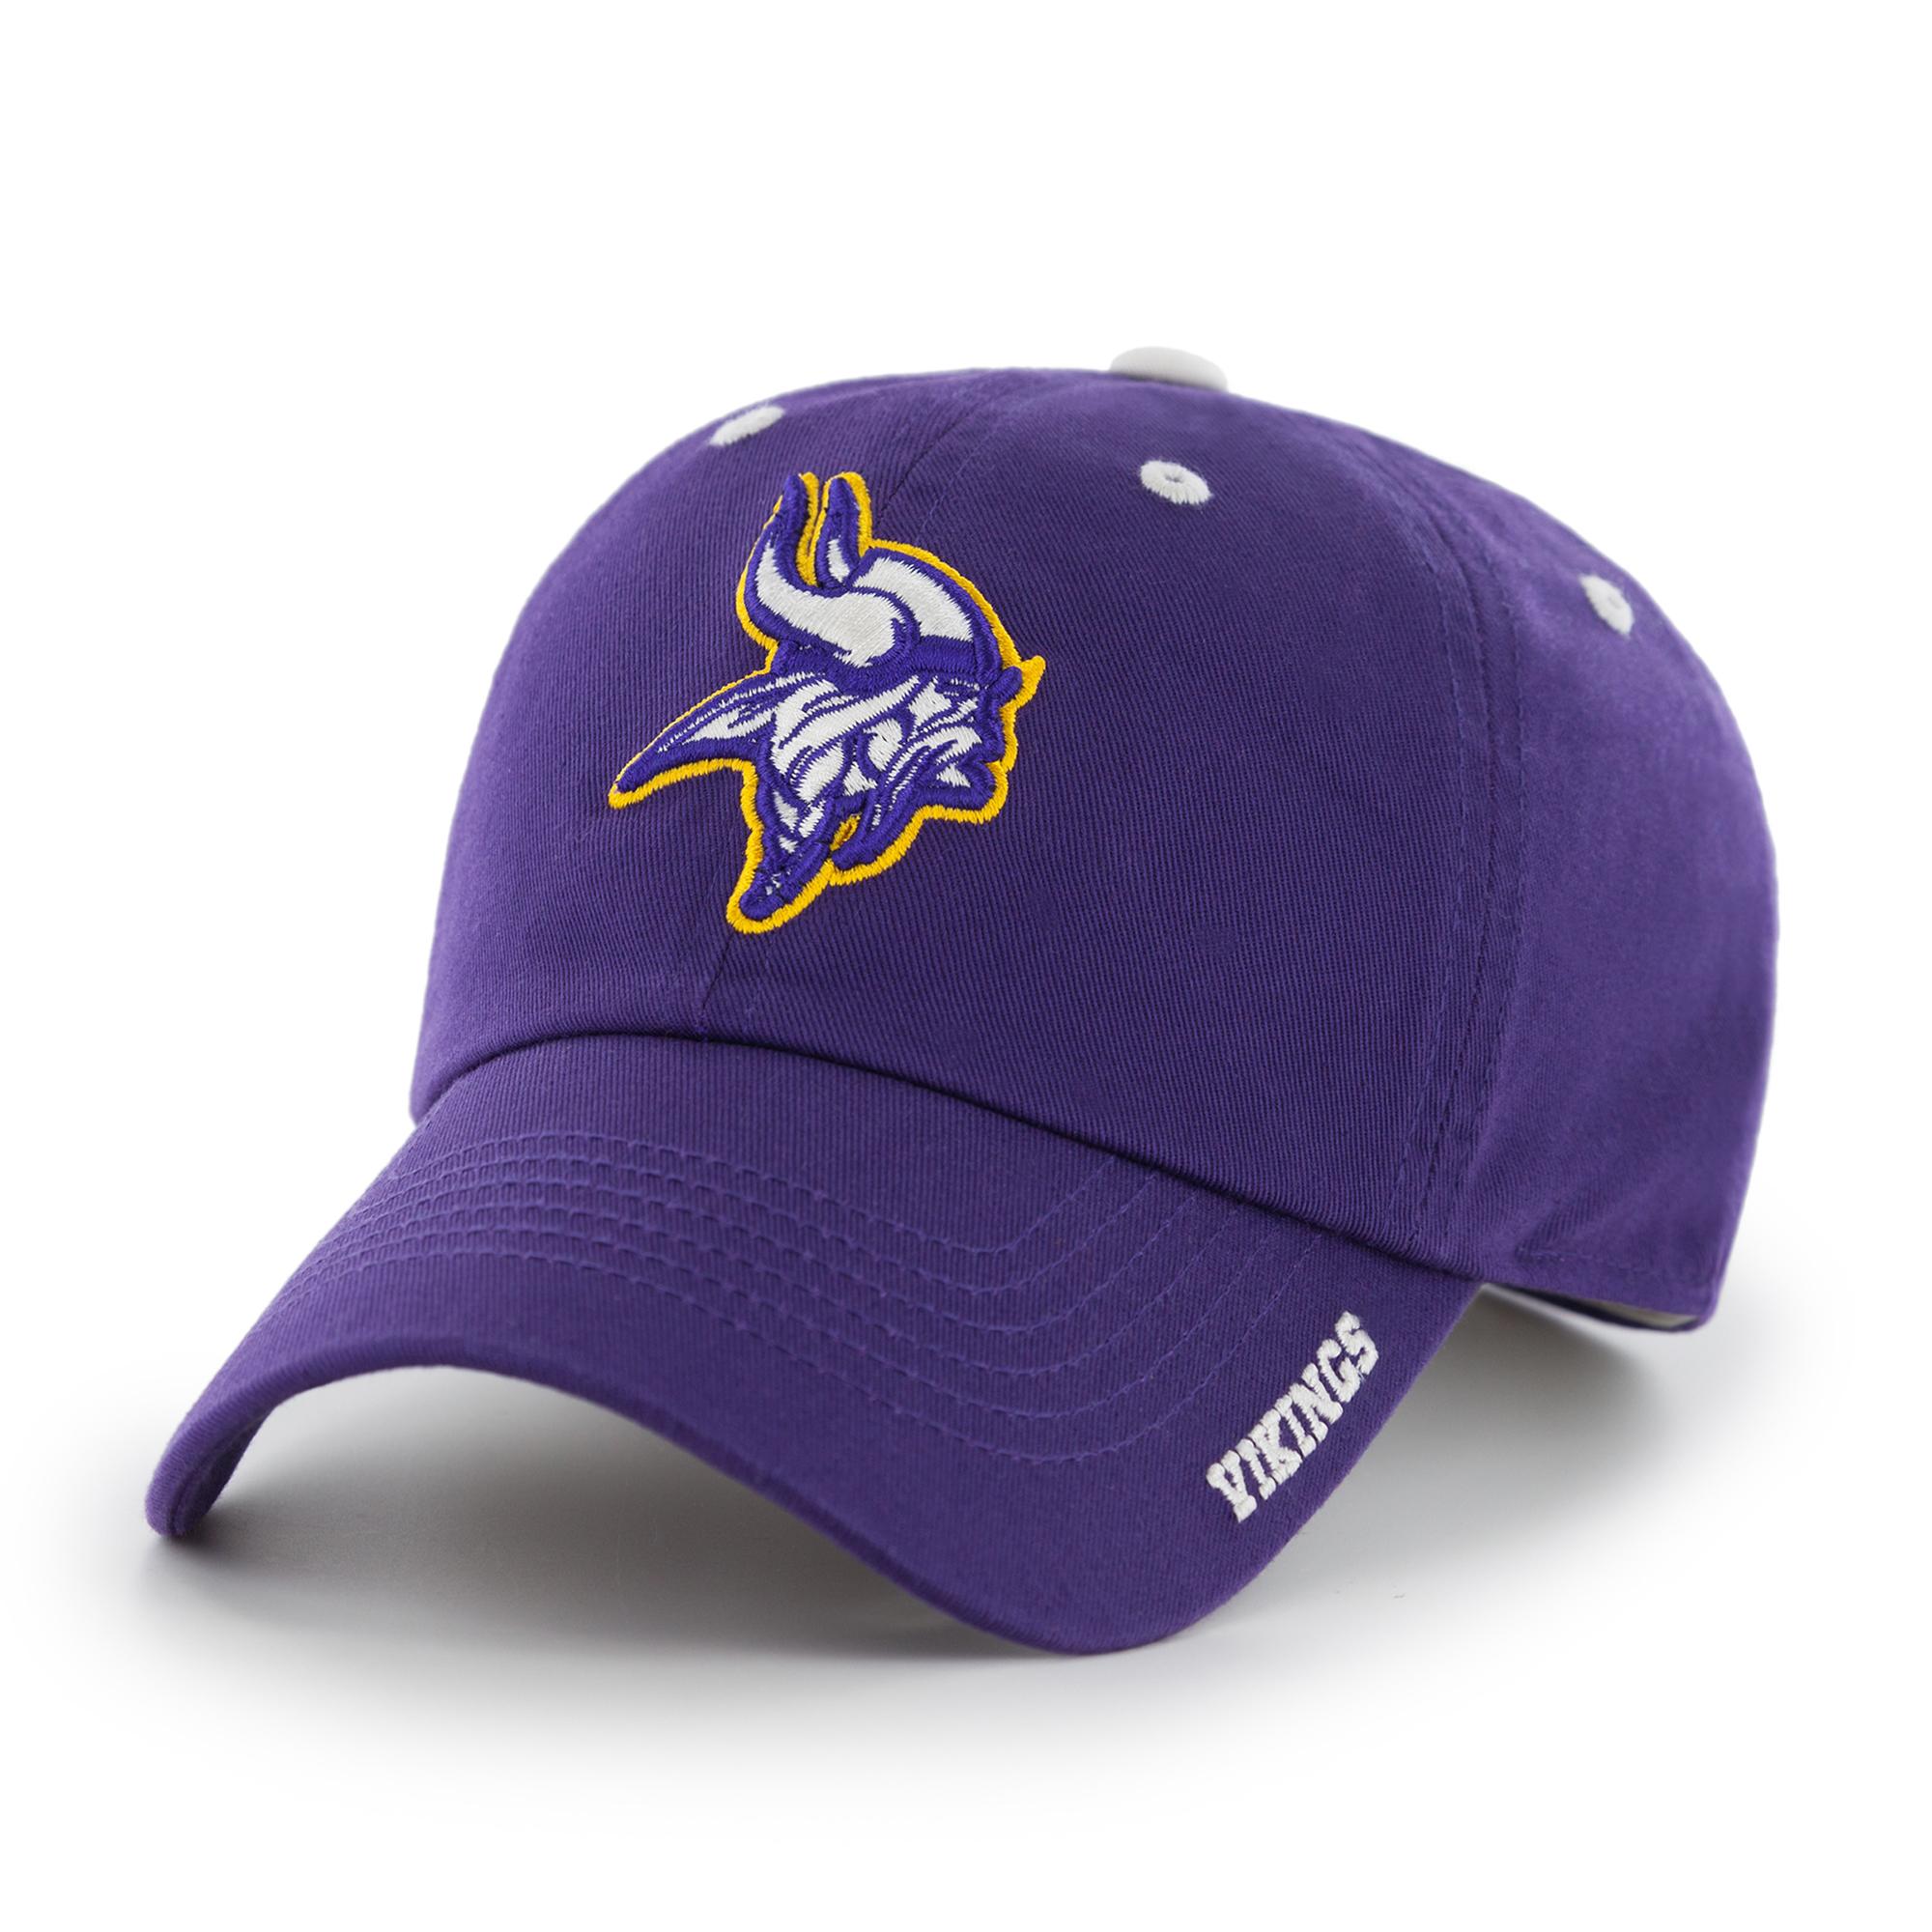 NFL Minnesota Vikings Ice Adjustable Cap/Hat by Fan Favorite